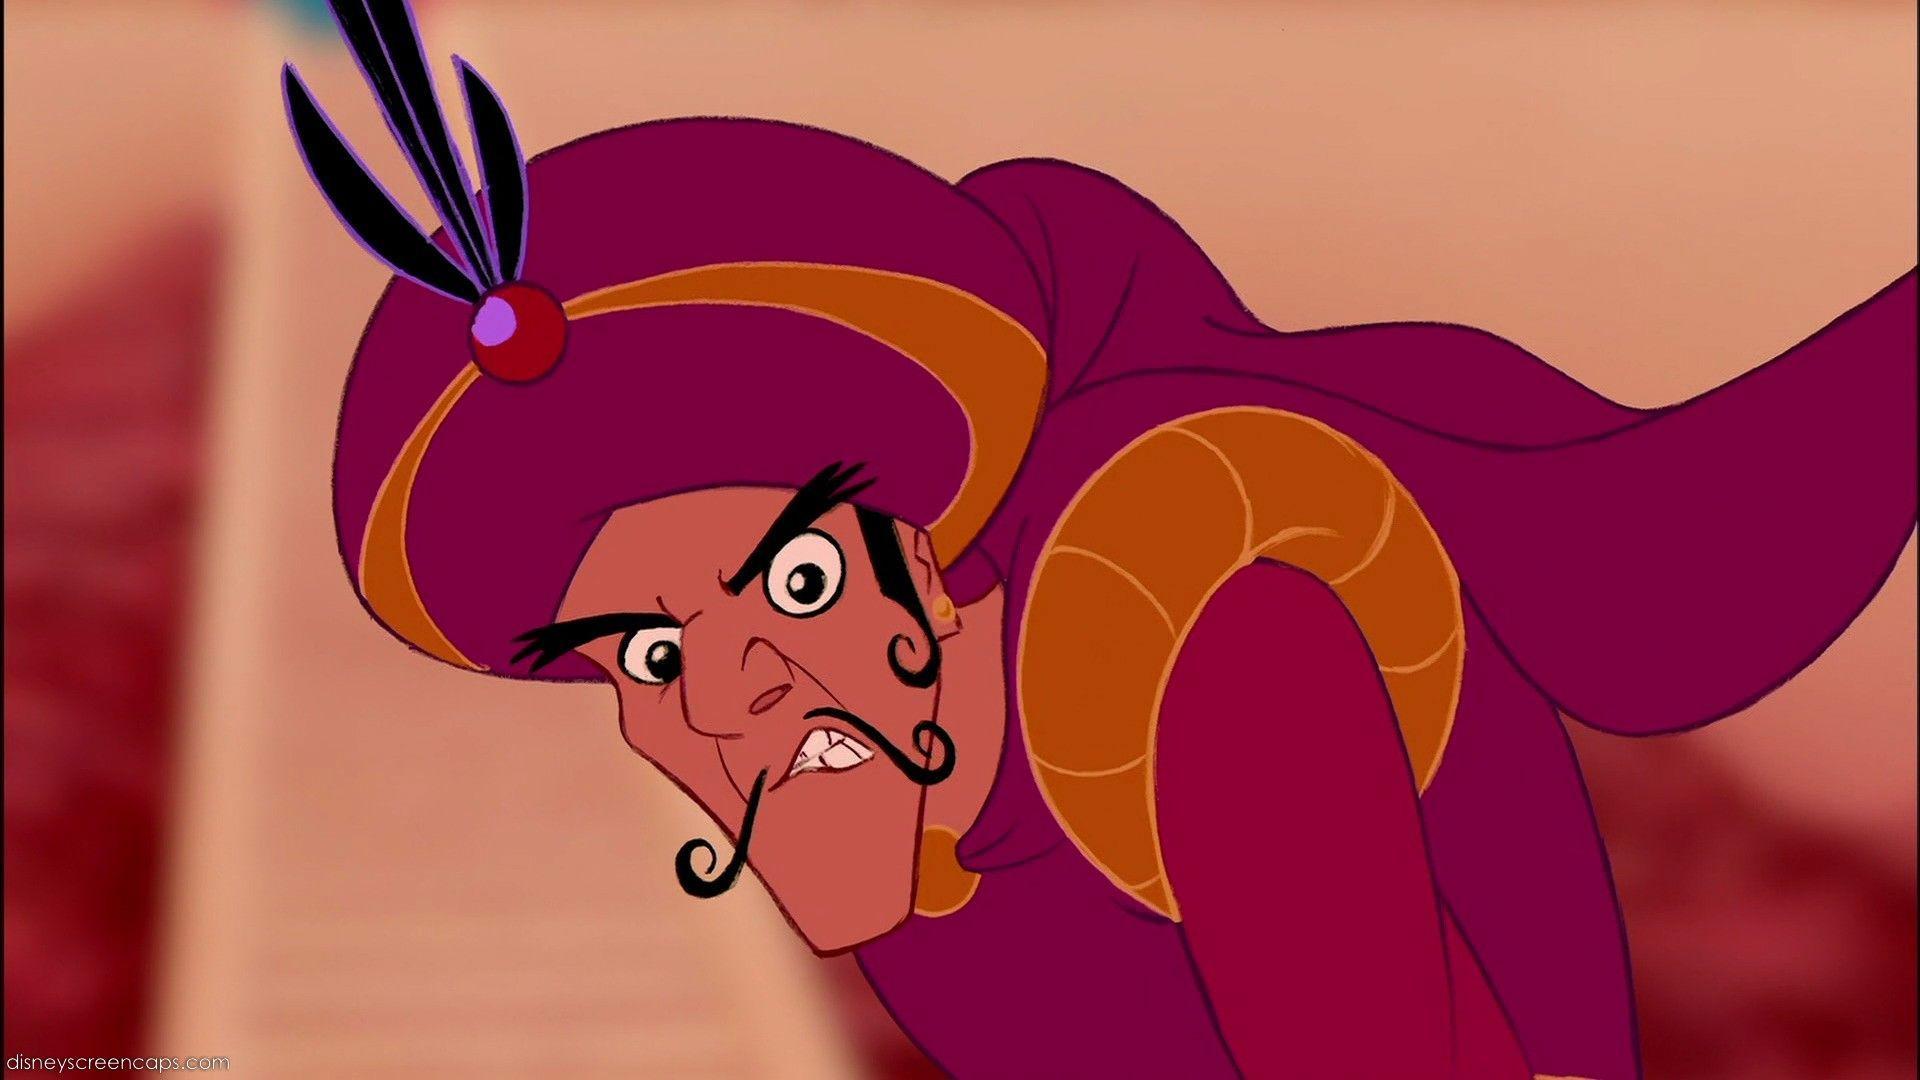 Hablando de Aladdín... ¿Qué animal dice Aladdín que es el príncipe Ahmed?